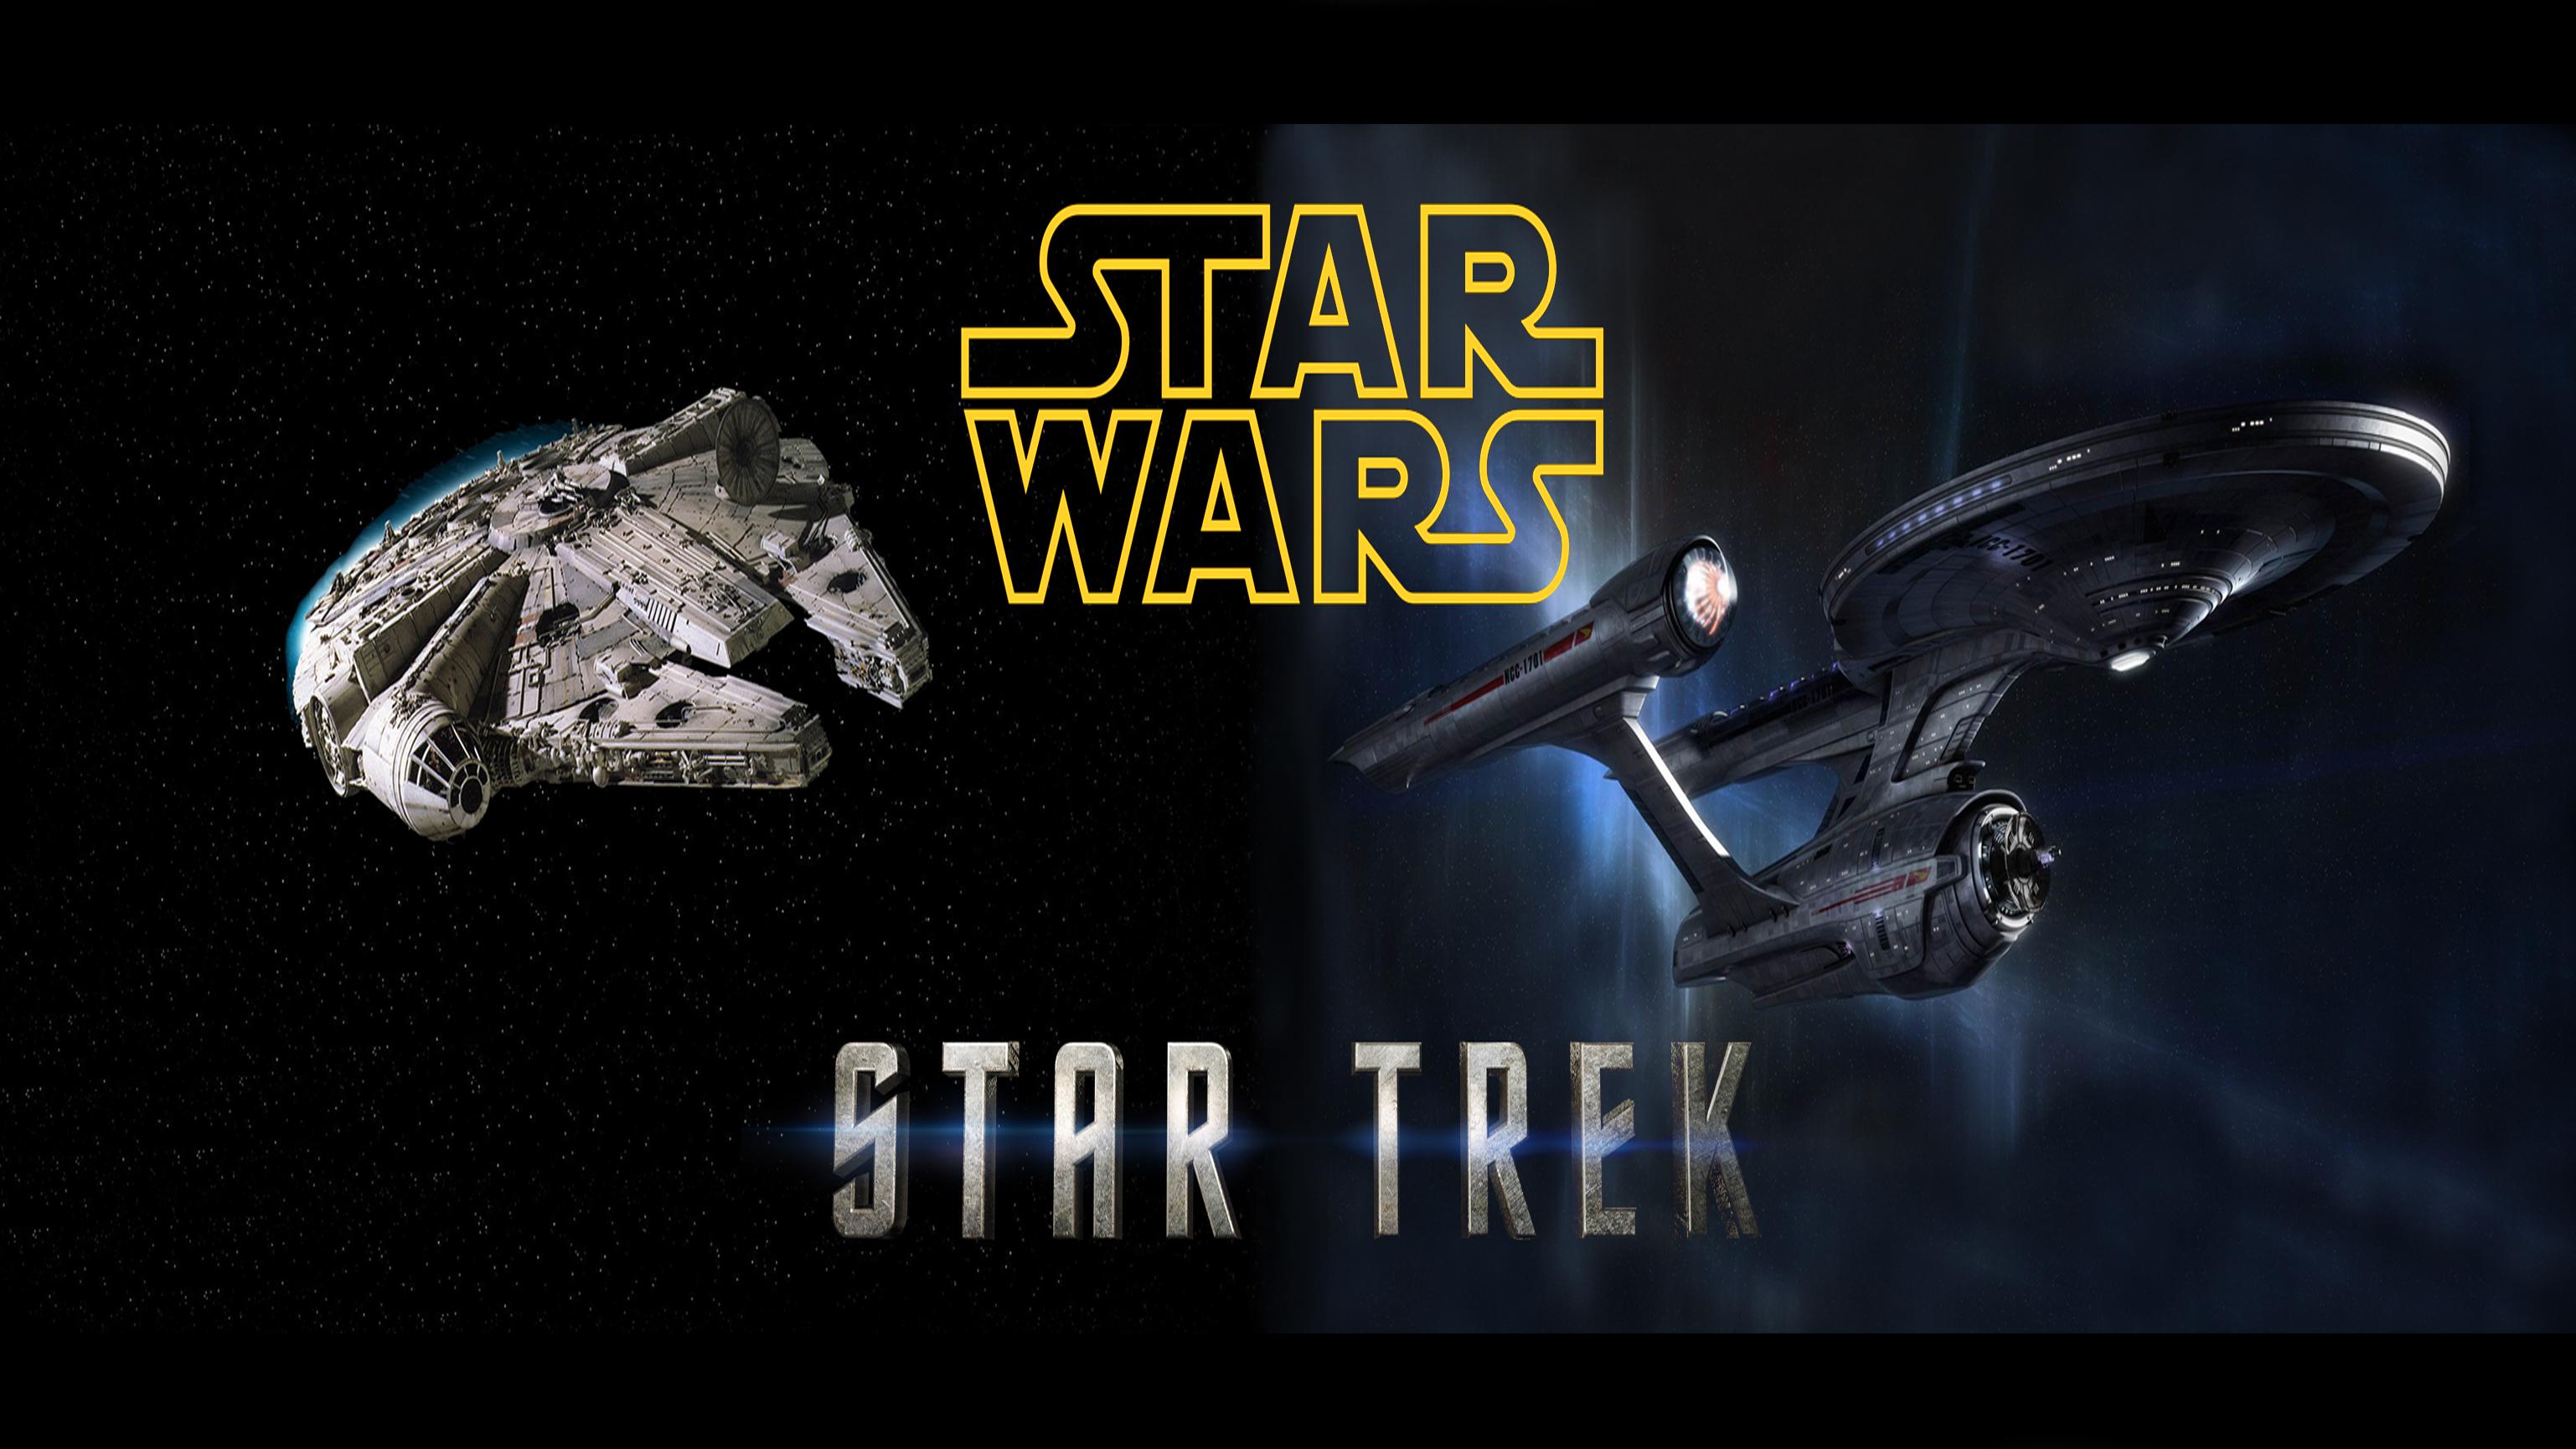 دو سفینه معروف در فیلم پیشتازان فضا و جنگ ستارگان